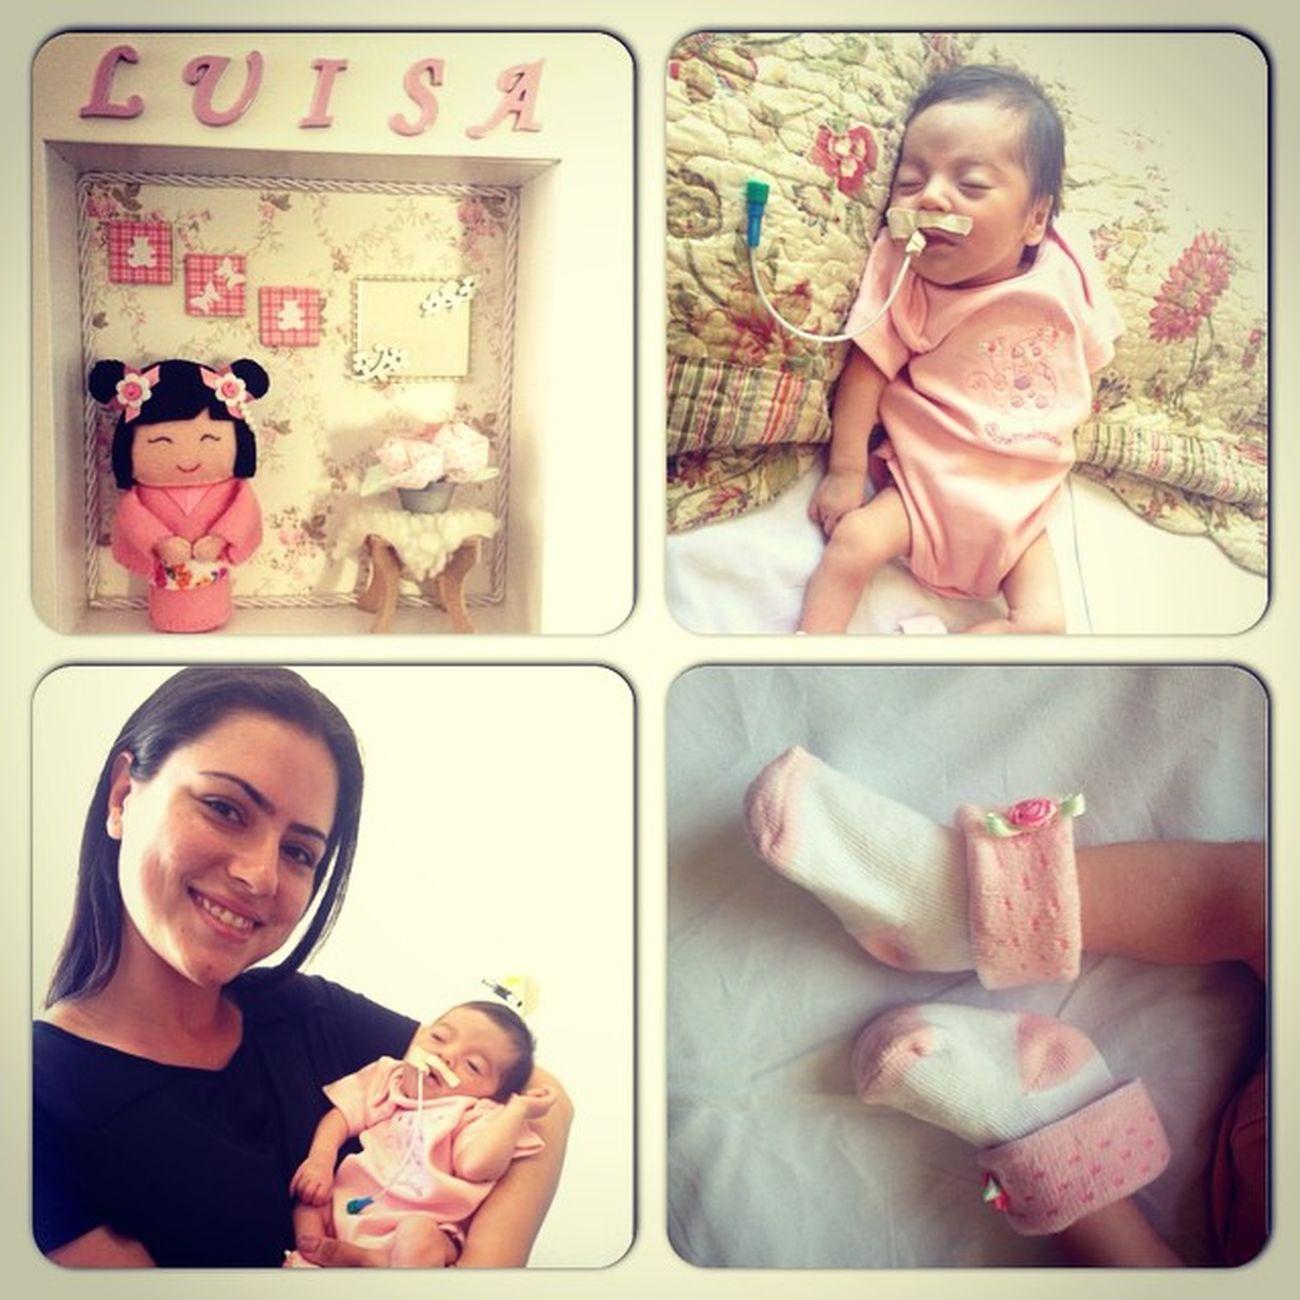 E hj foi o dia de conhecer a baby da Mel! Essas minhas amigas se tornando mãe tão me orgulhando demaaaais! Babygirl Luisa Babyda25